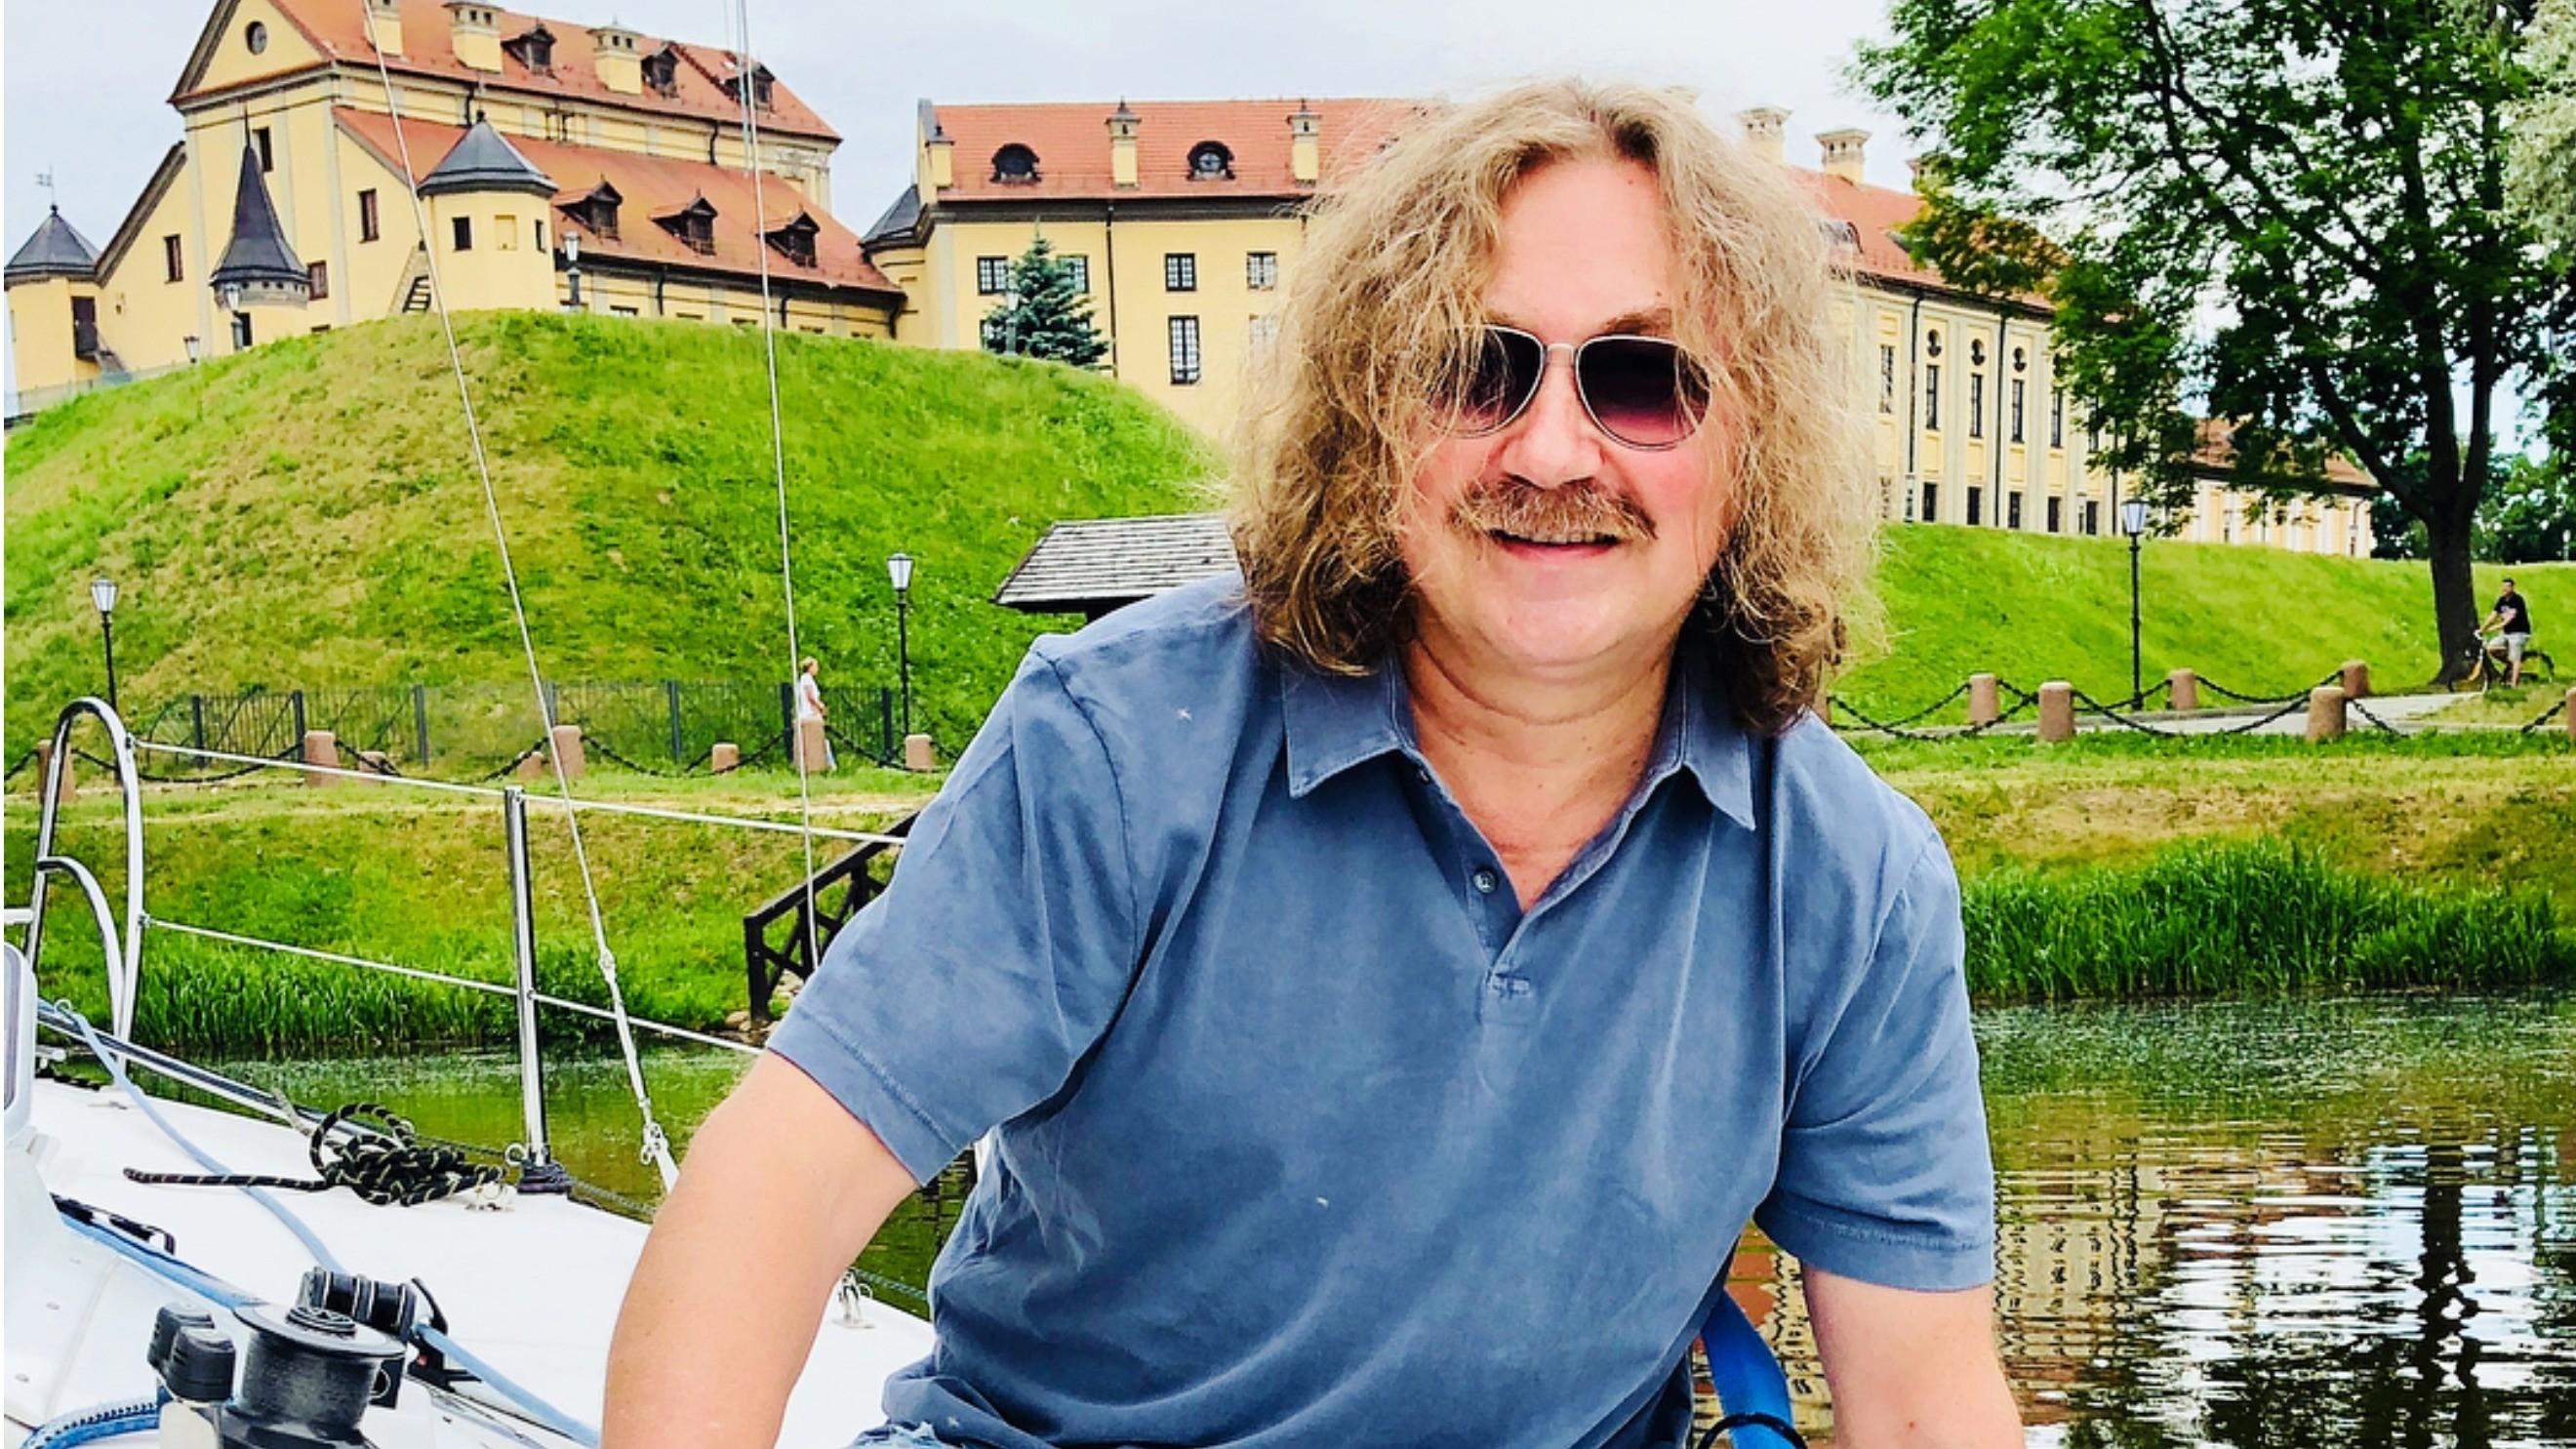 Игорь Николаев опубликовал архивное фото молодой Аллы Пугачевой